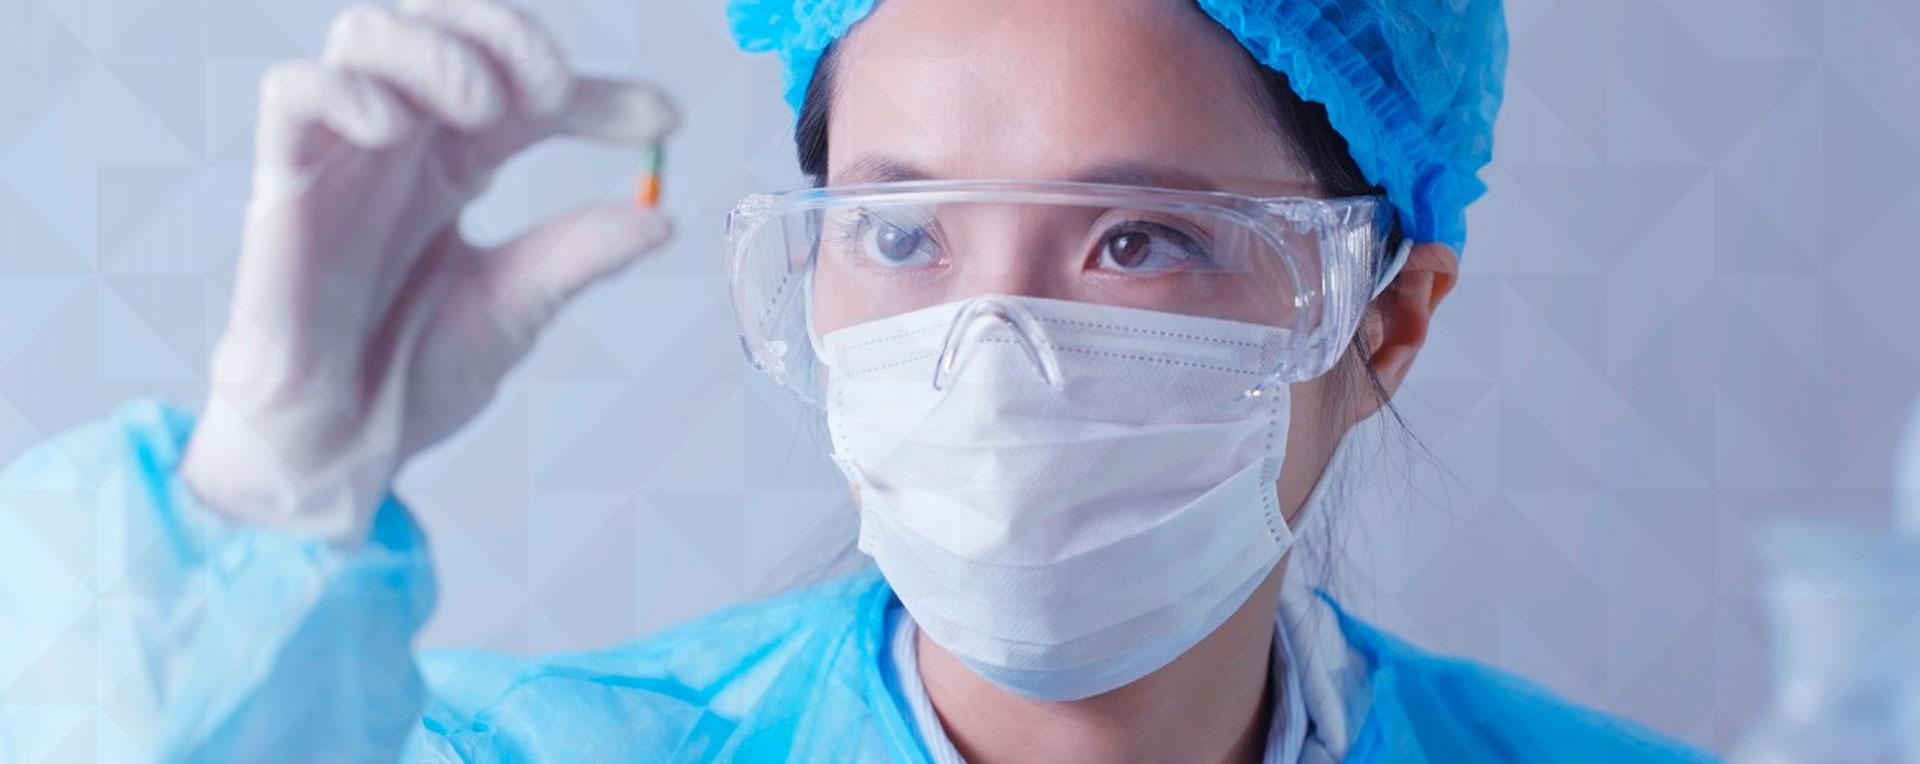 Investigación y Desarrollo para medicamentos de calidad